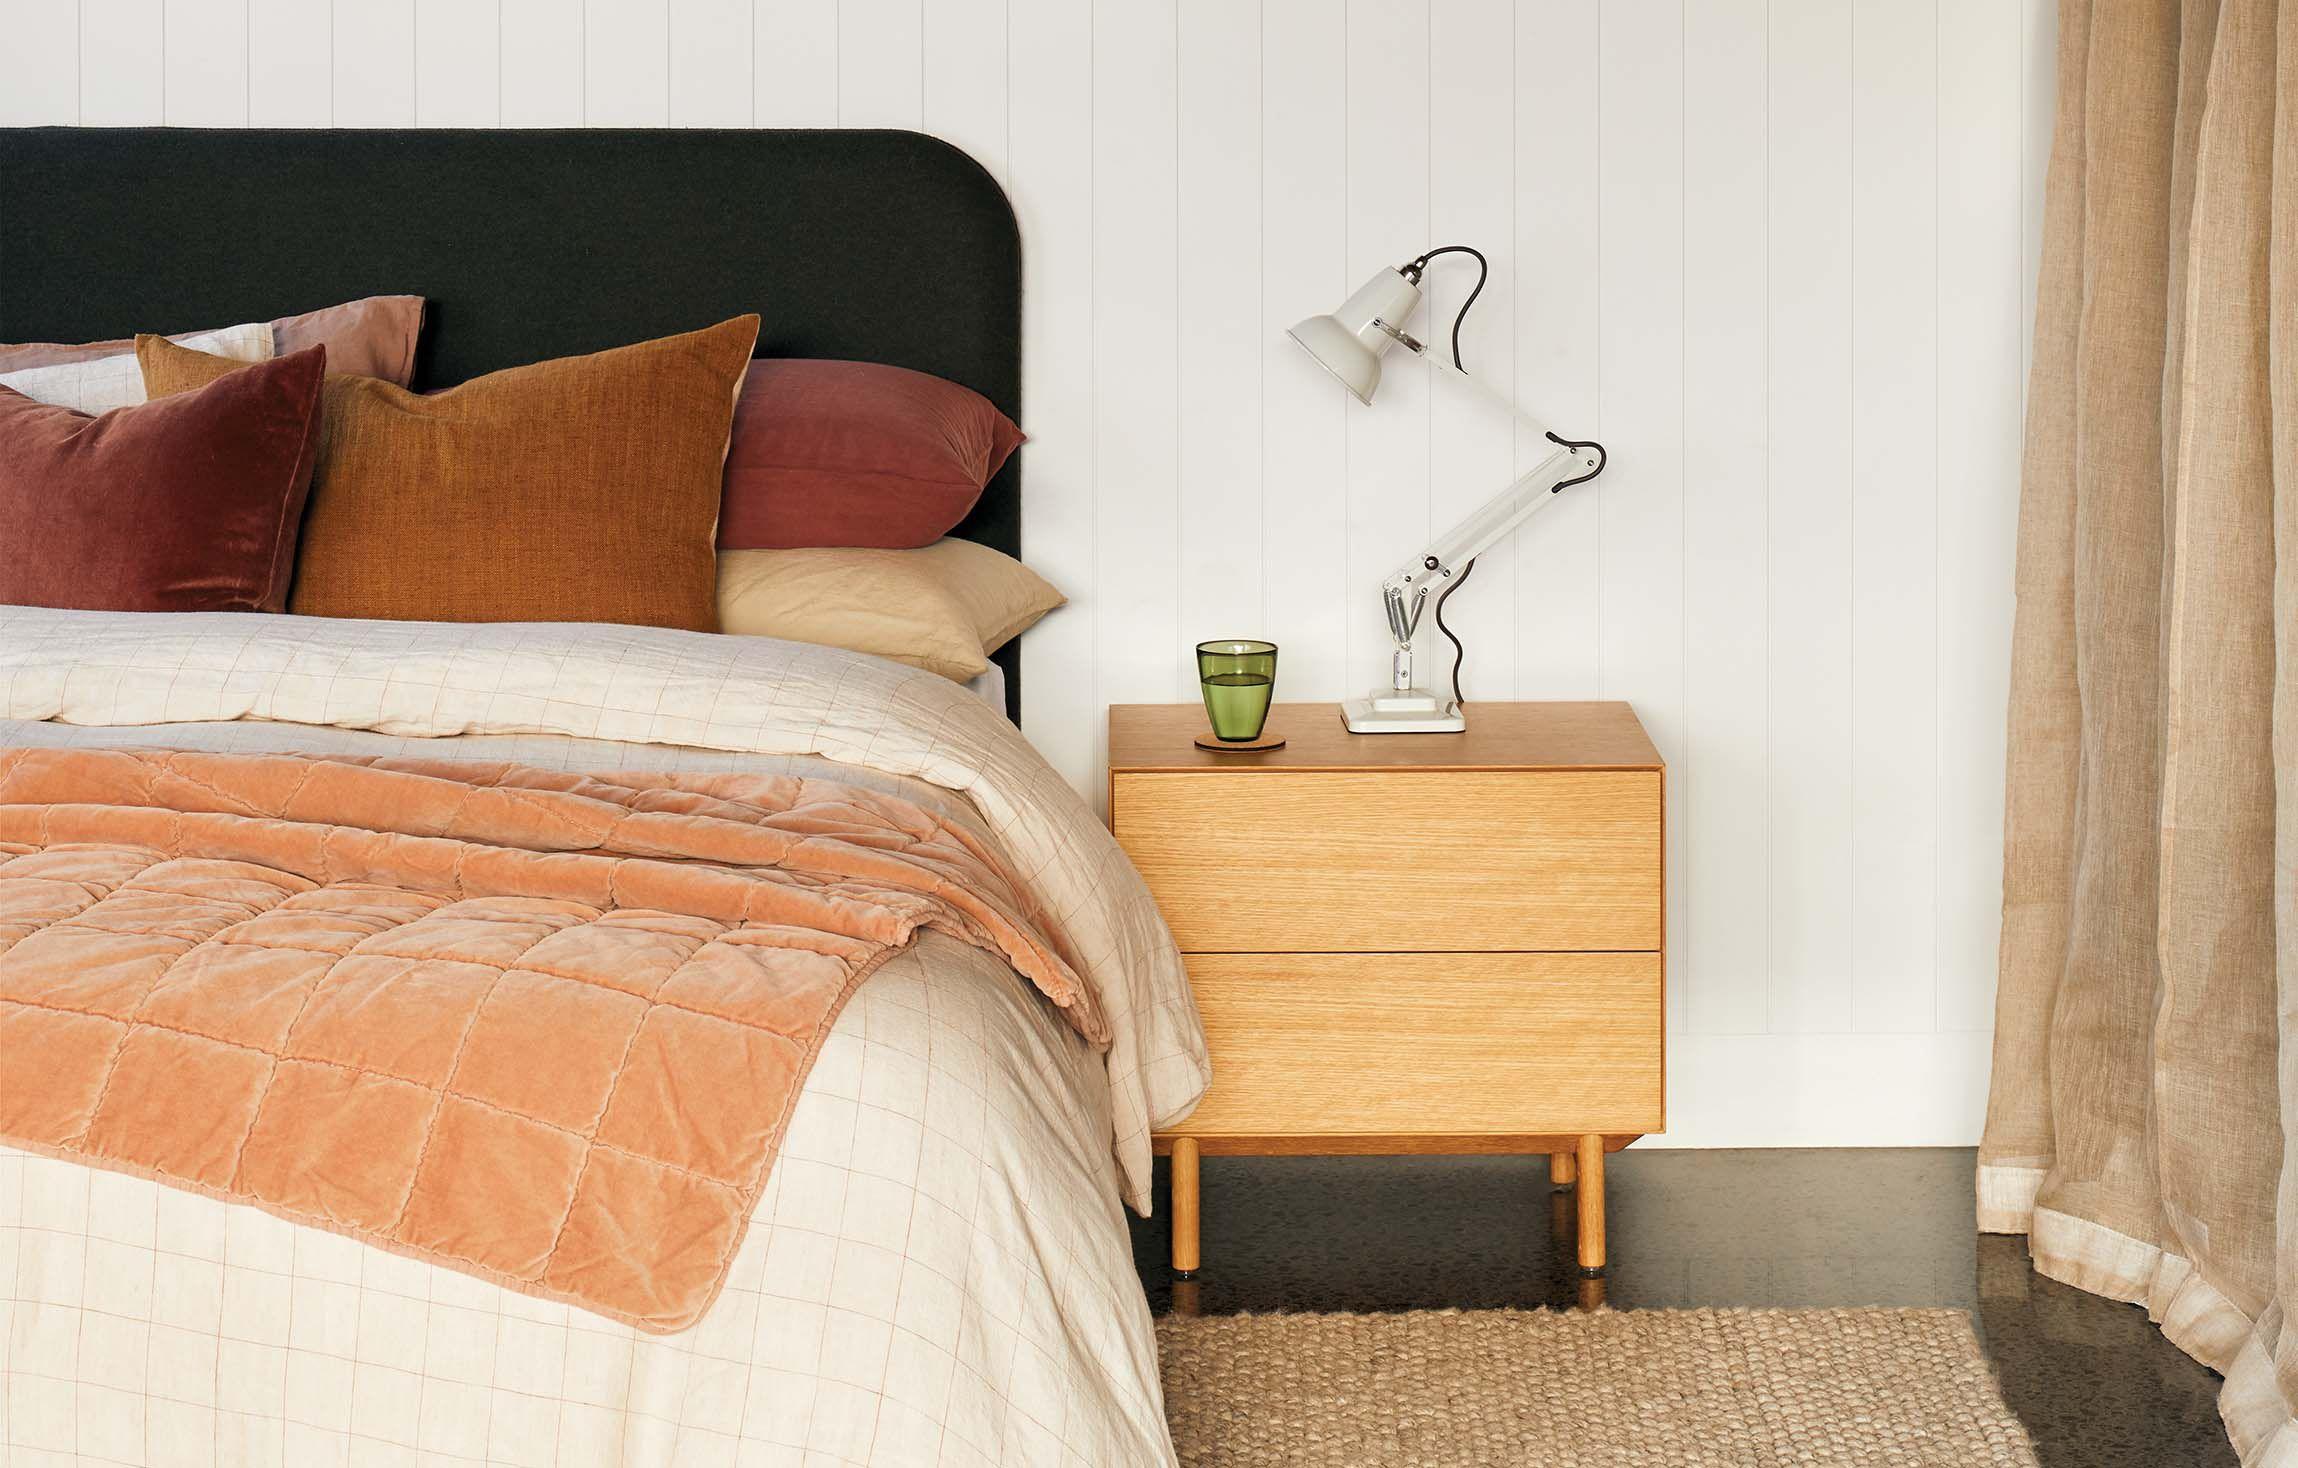 Peachy, textured bedroom for winter Winter bedroom